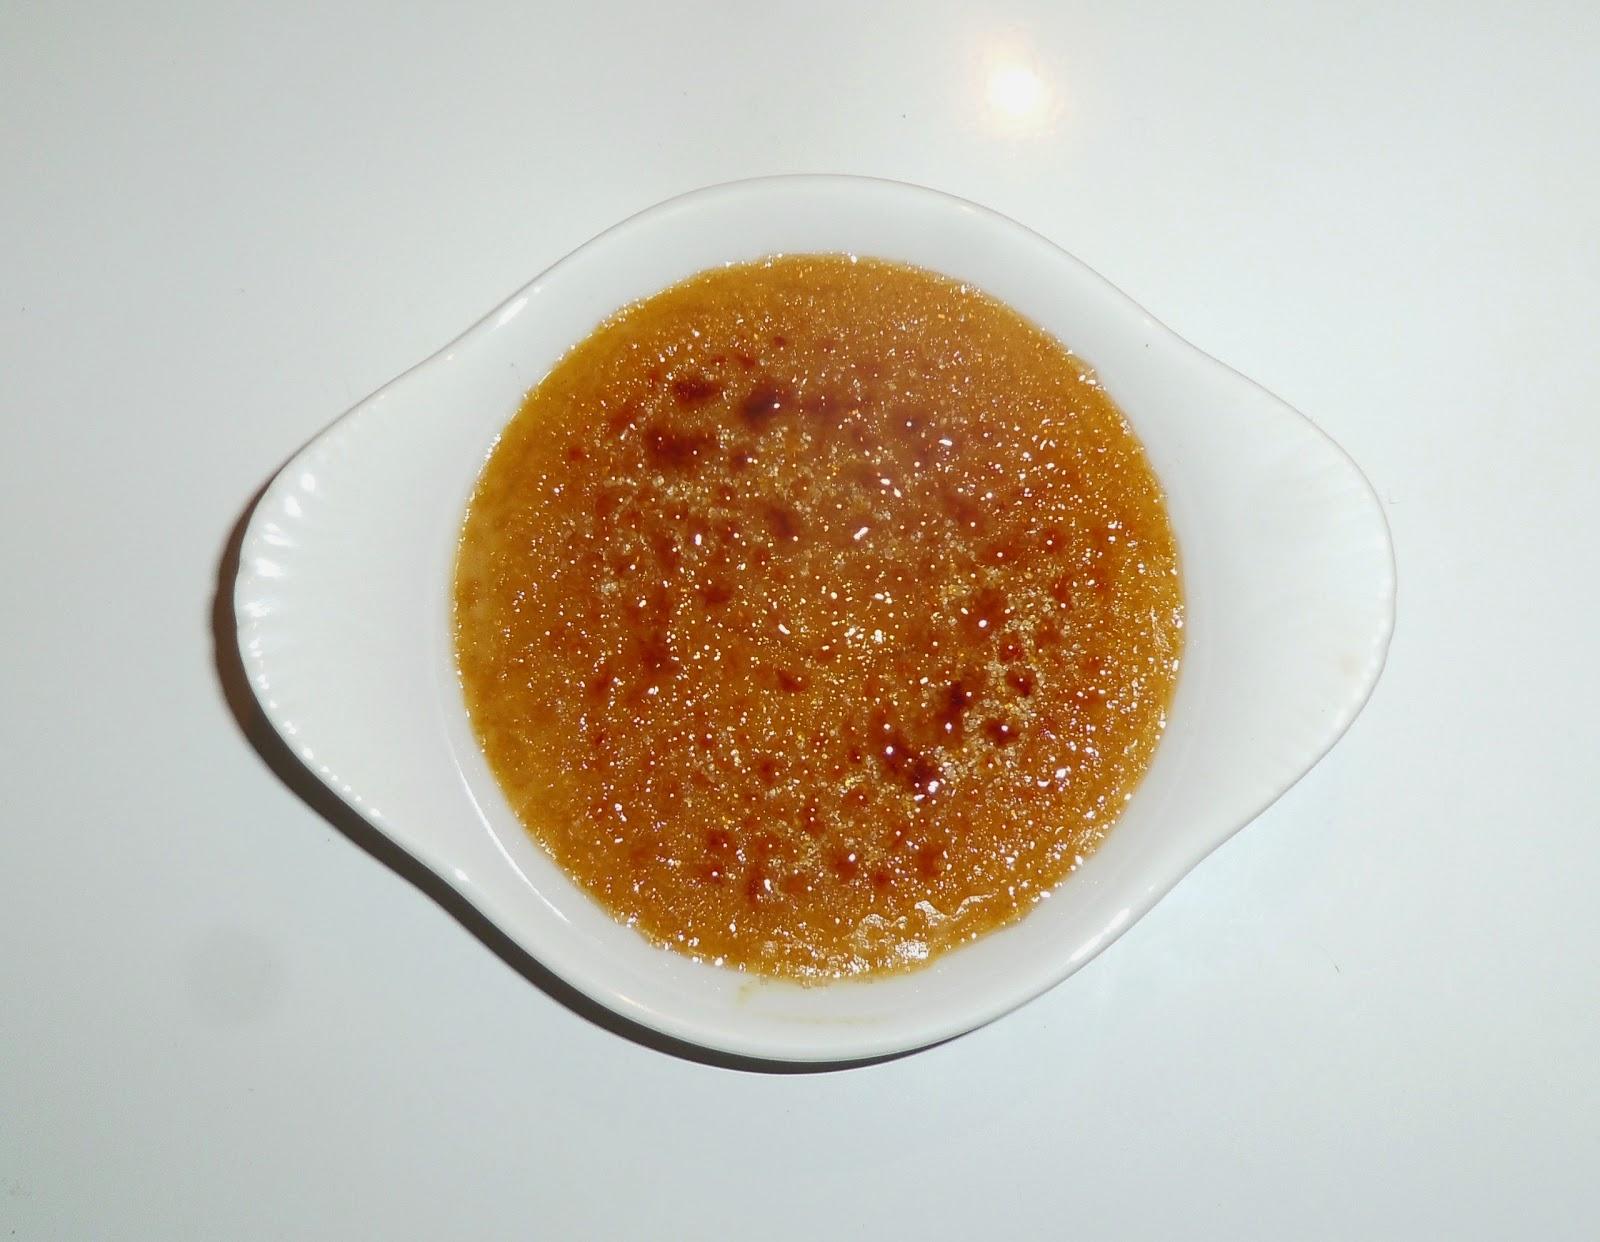 crème brulée spéculoos, recette avec des spéculoos, recette du nord